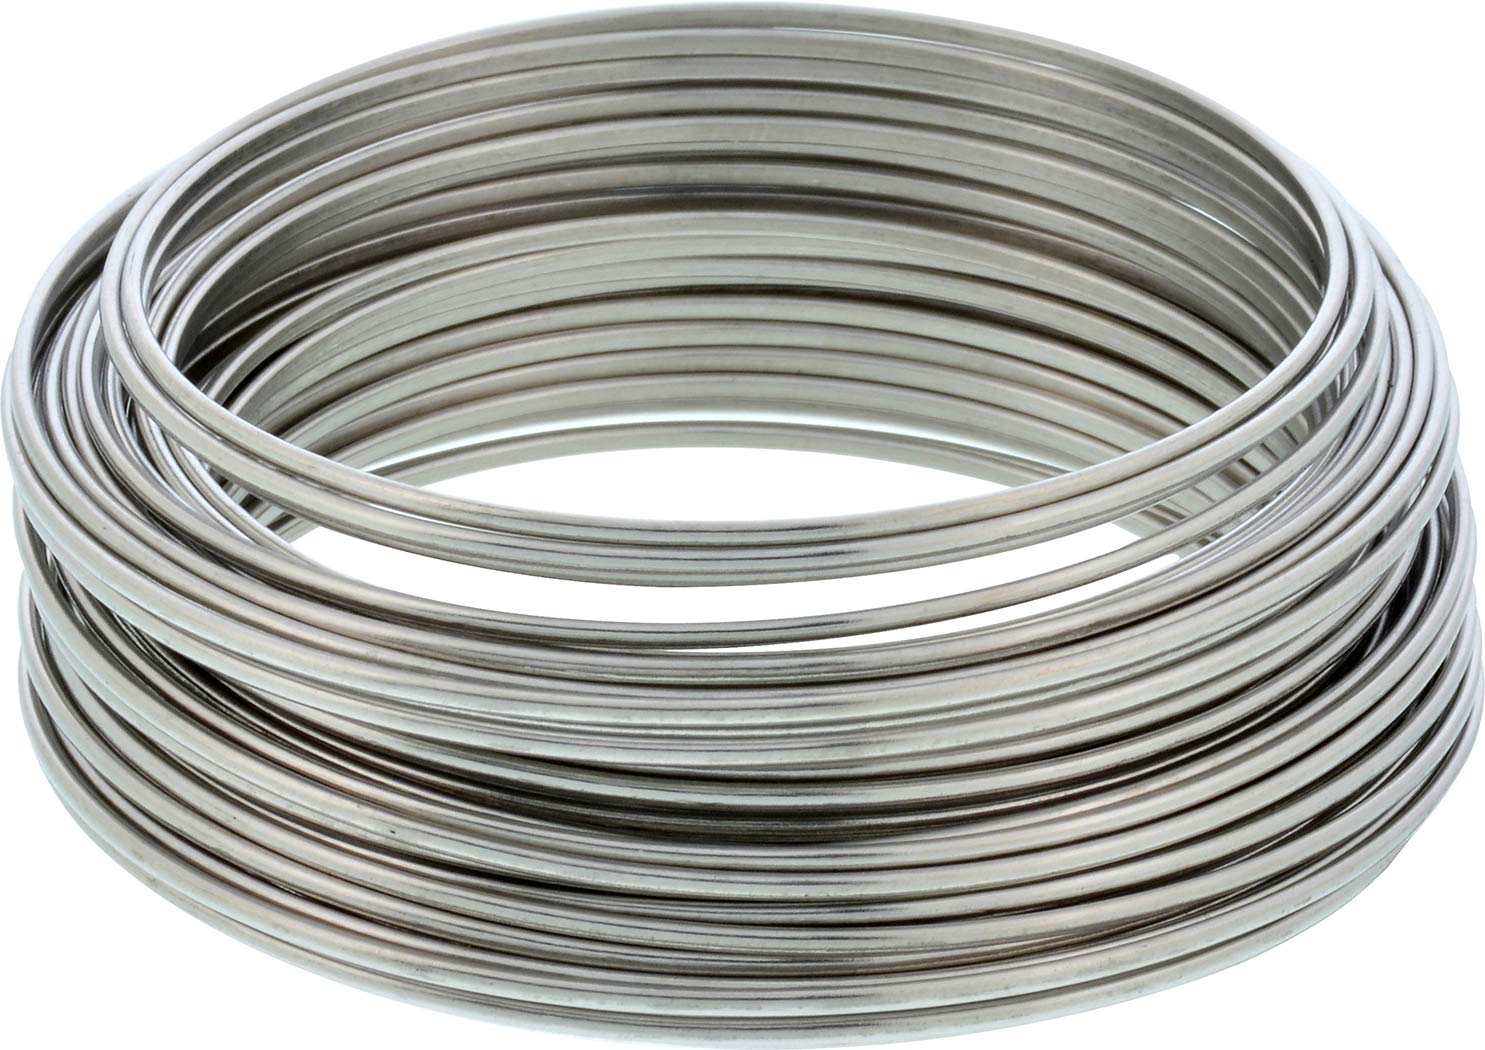 19 gauge galvanized steel wire